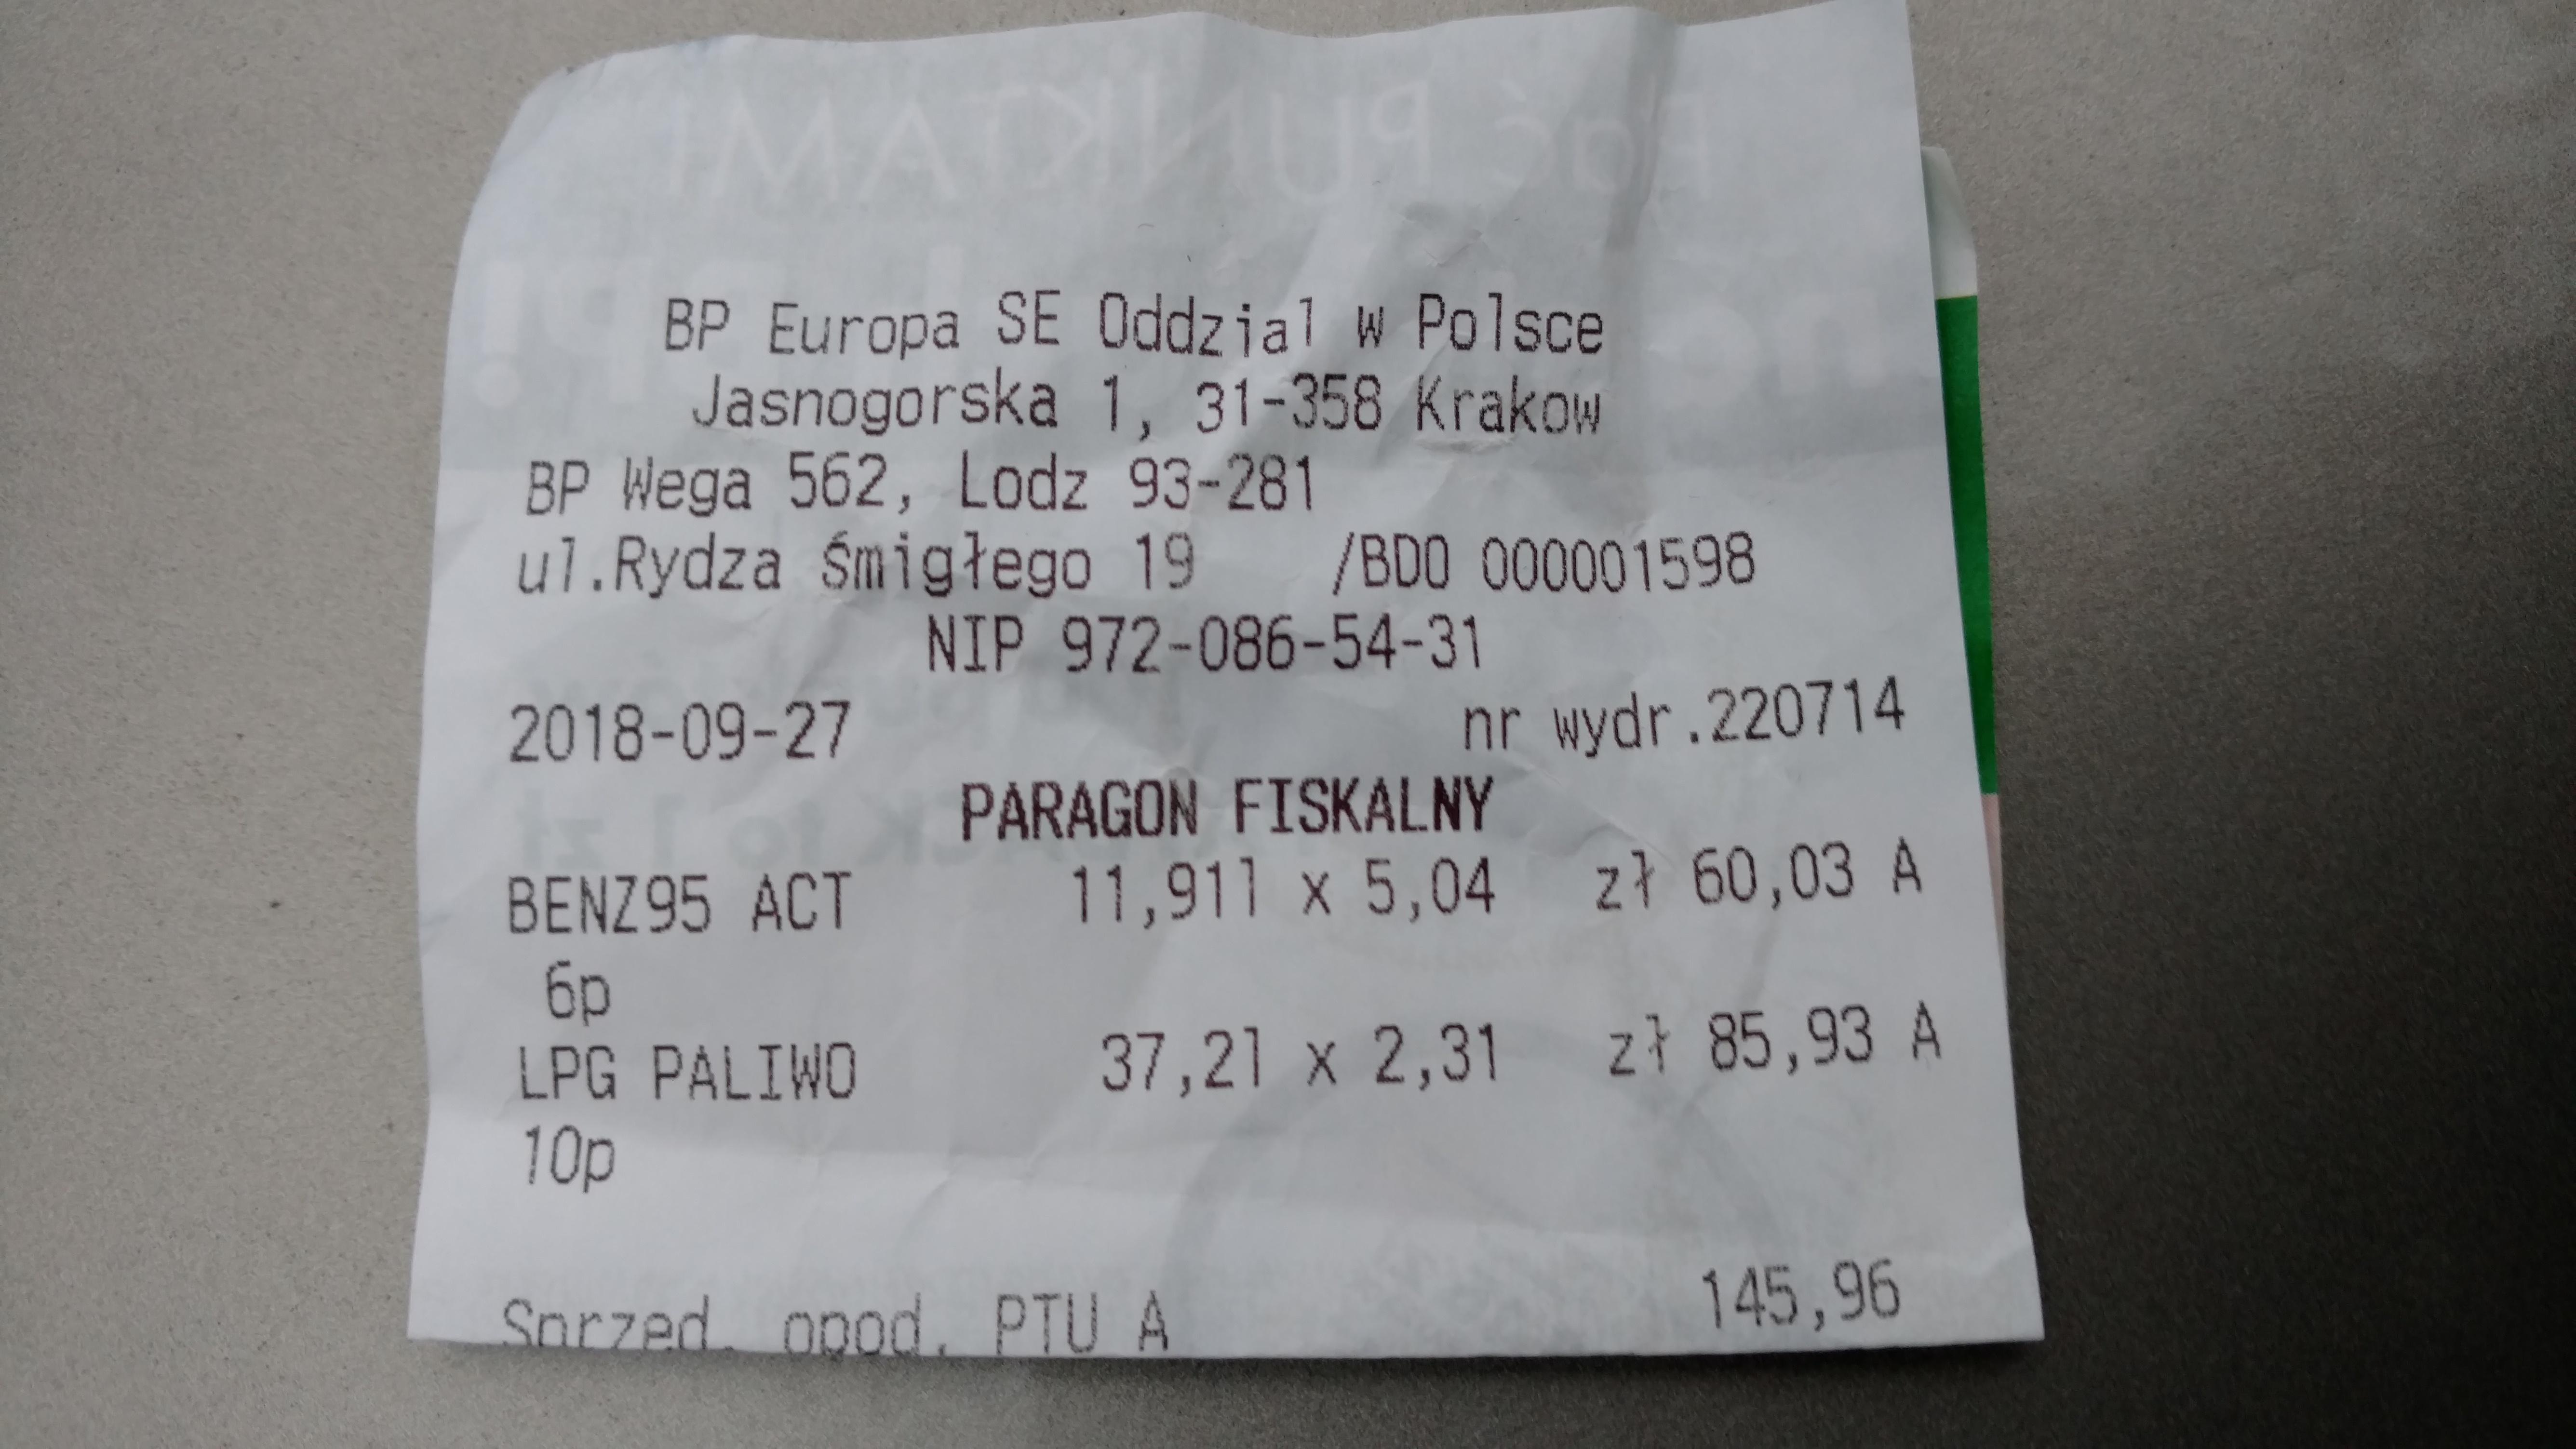 [BP] Niższe ceny paliw przy remontowanej Al. Śmigłego  Rydza - Łódź